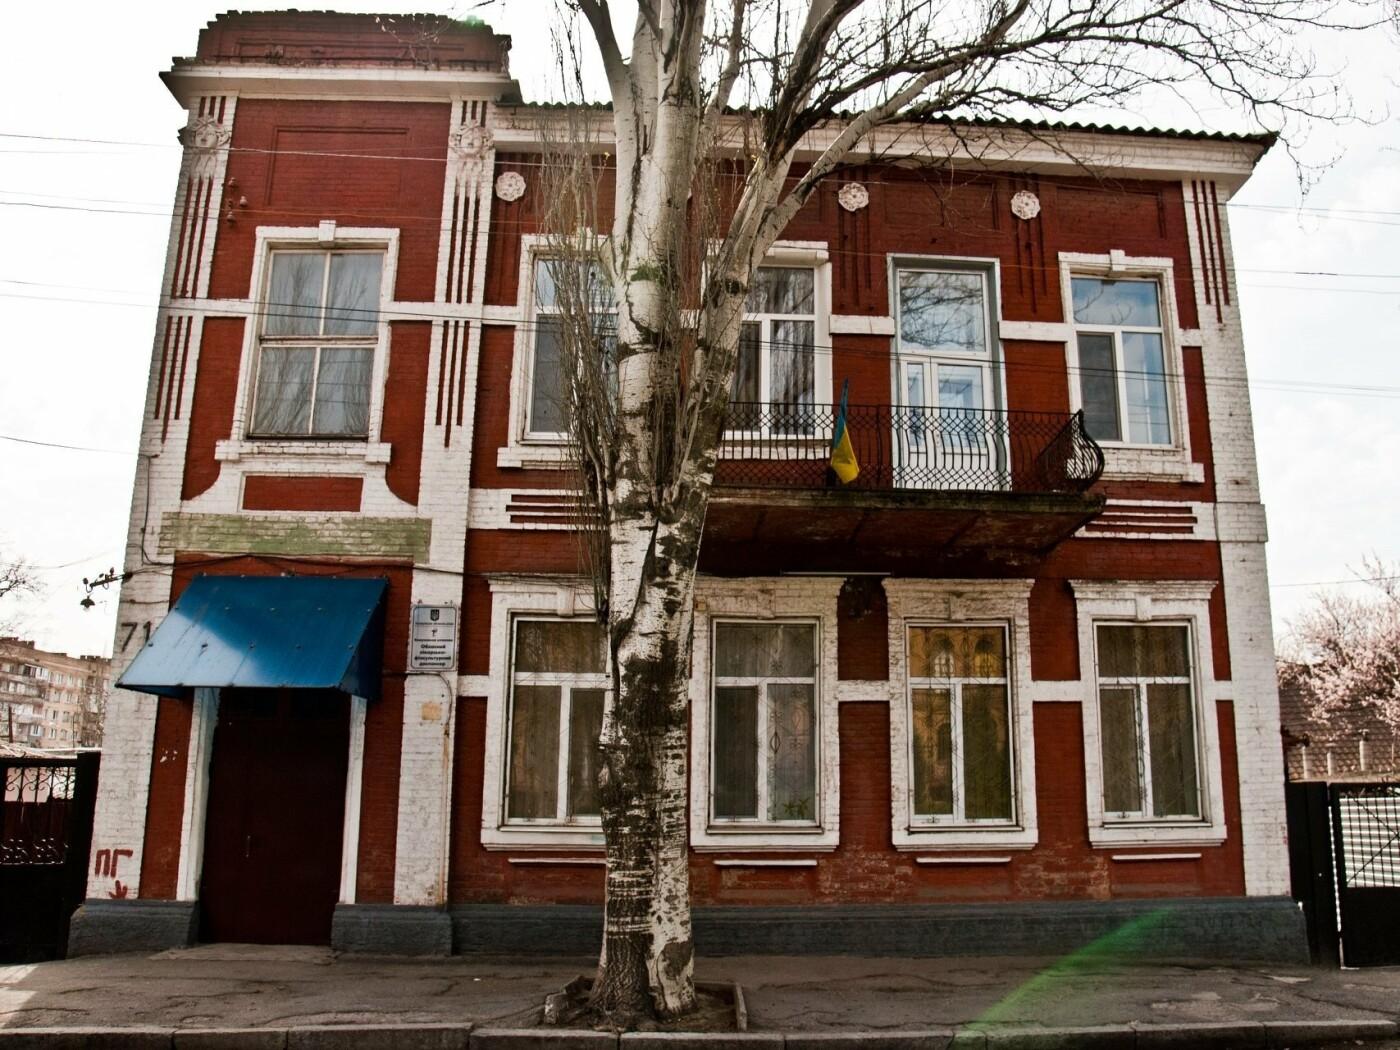 Здания с маскаронами: где в Запорожье можно увидеть интересные декоративные детали, - ФОТО , фото-1